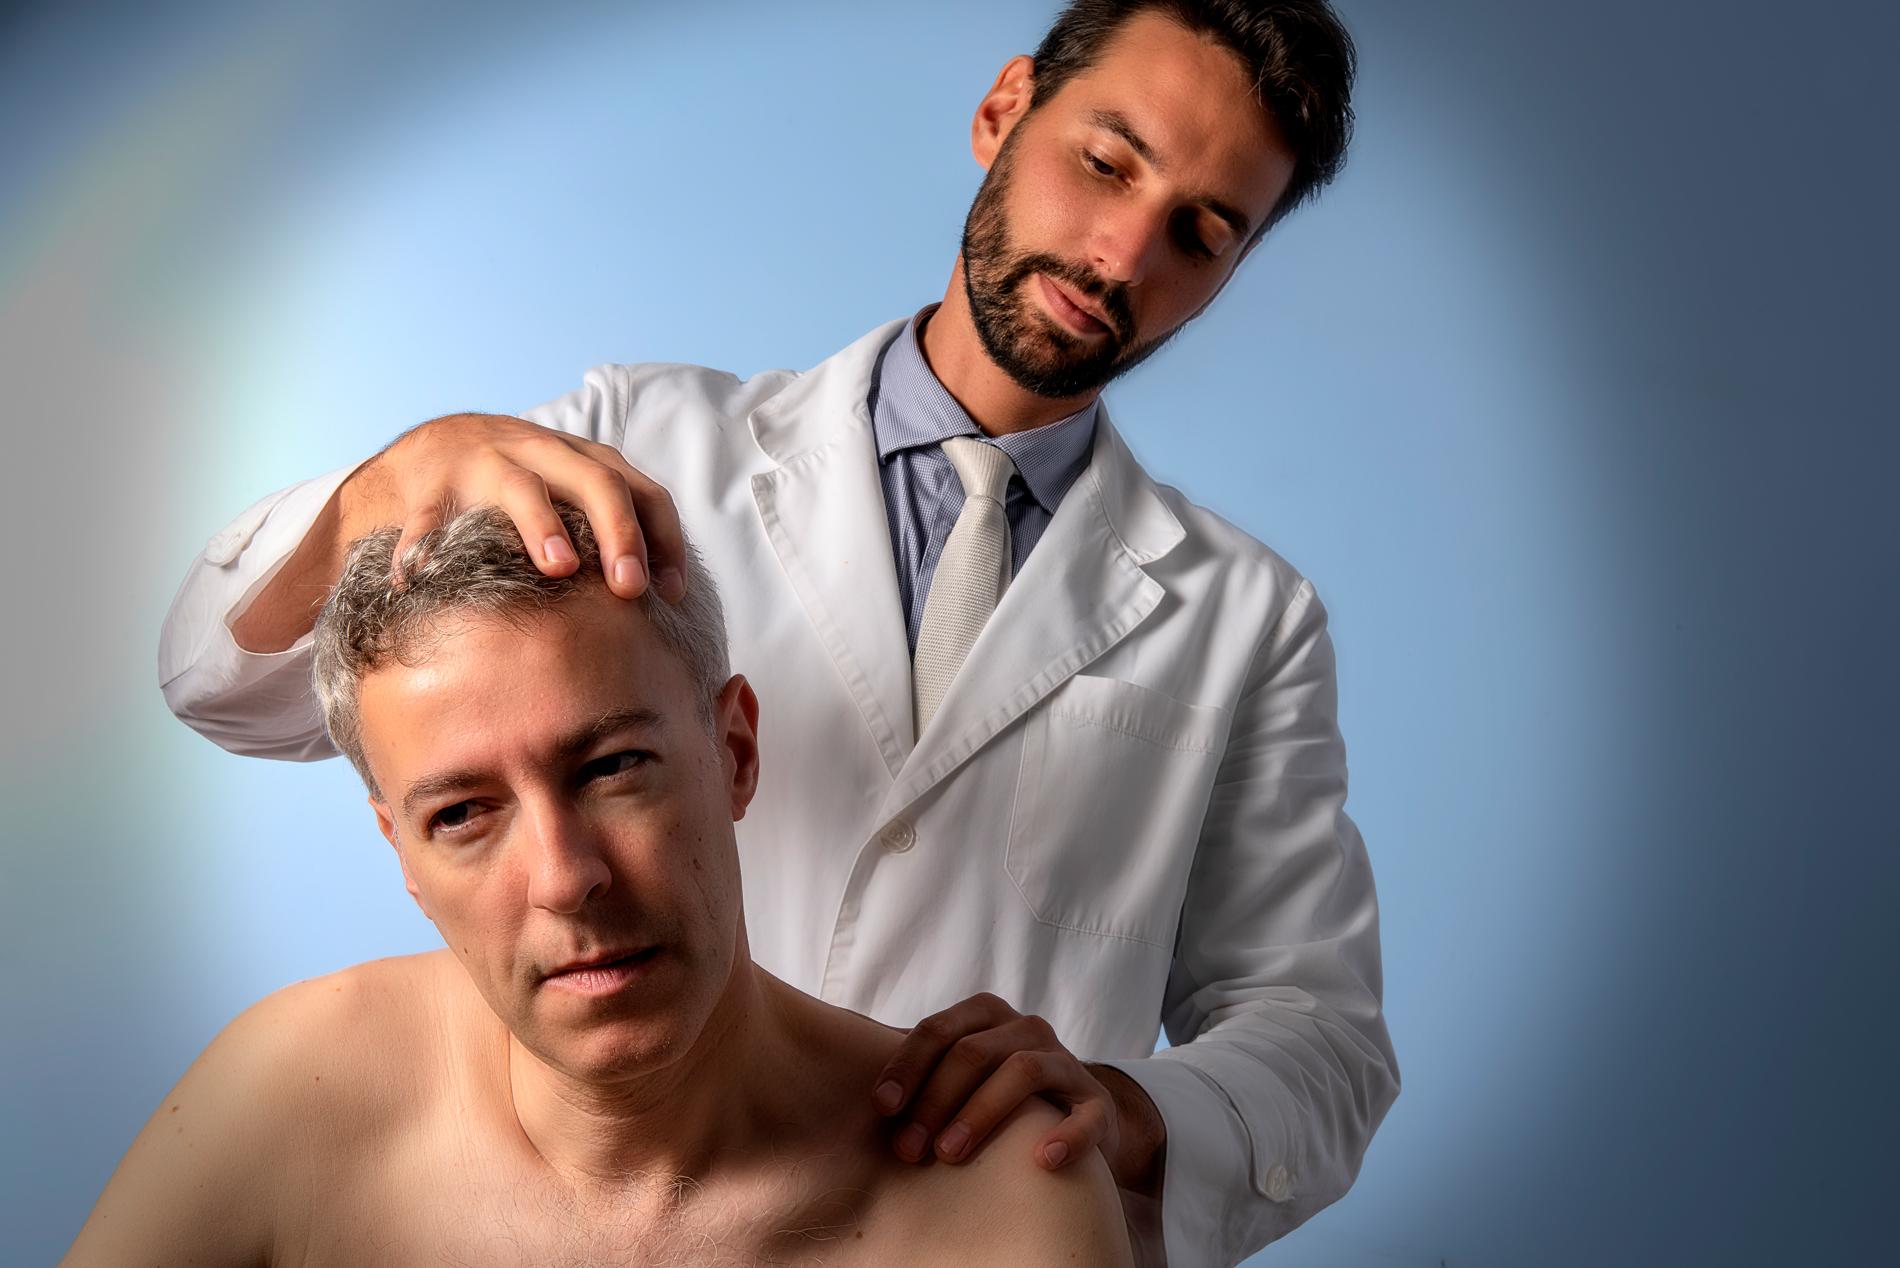 La cura di Dr. Mathieu per la mia lesione cervicale è stato molto professionale